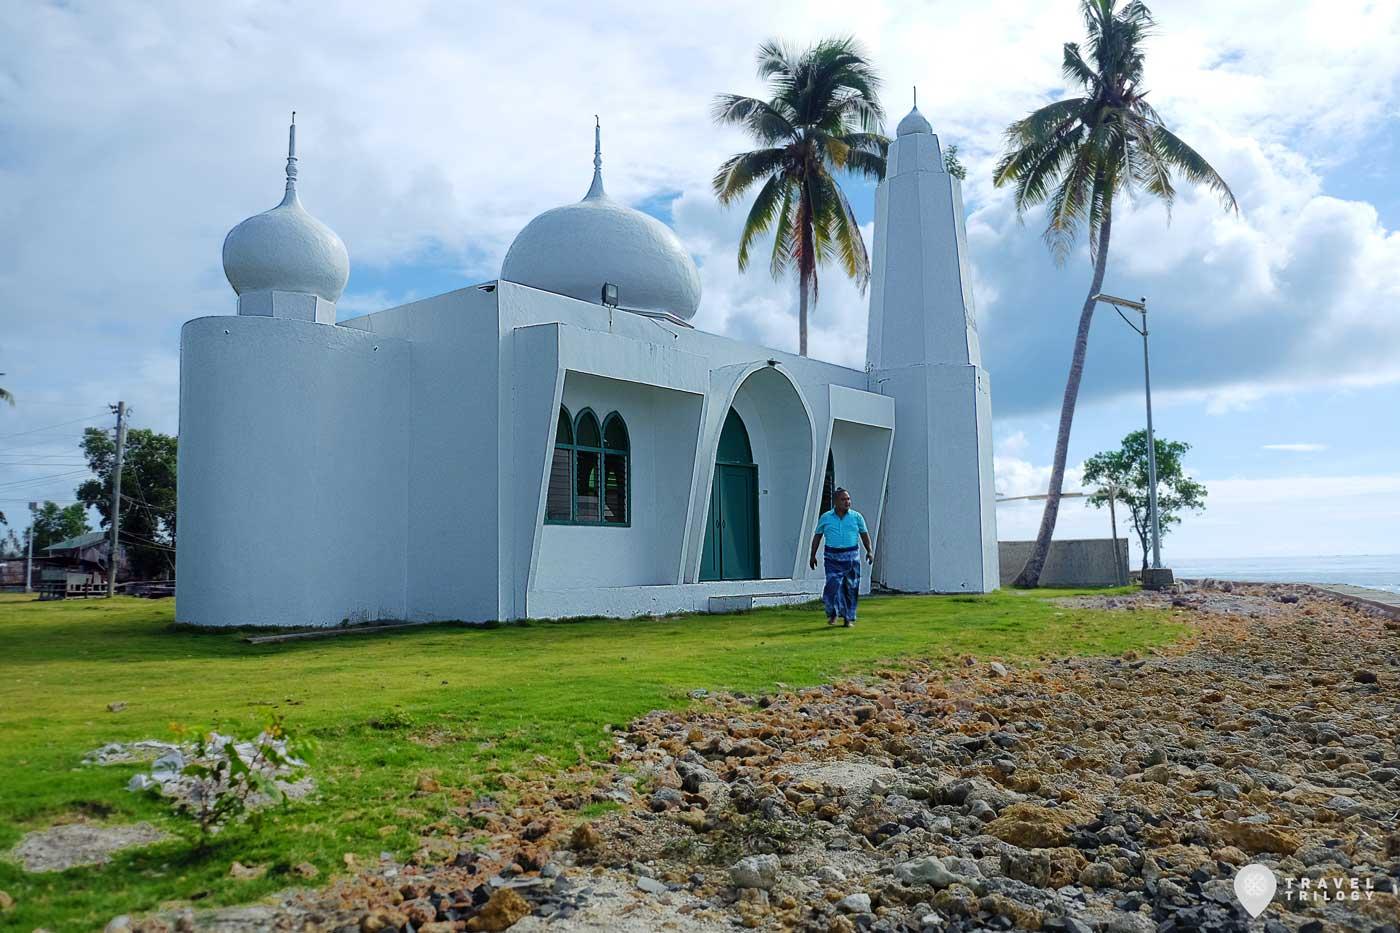 Bonggao tawi-tawi mosque